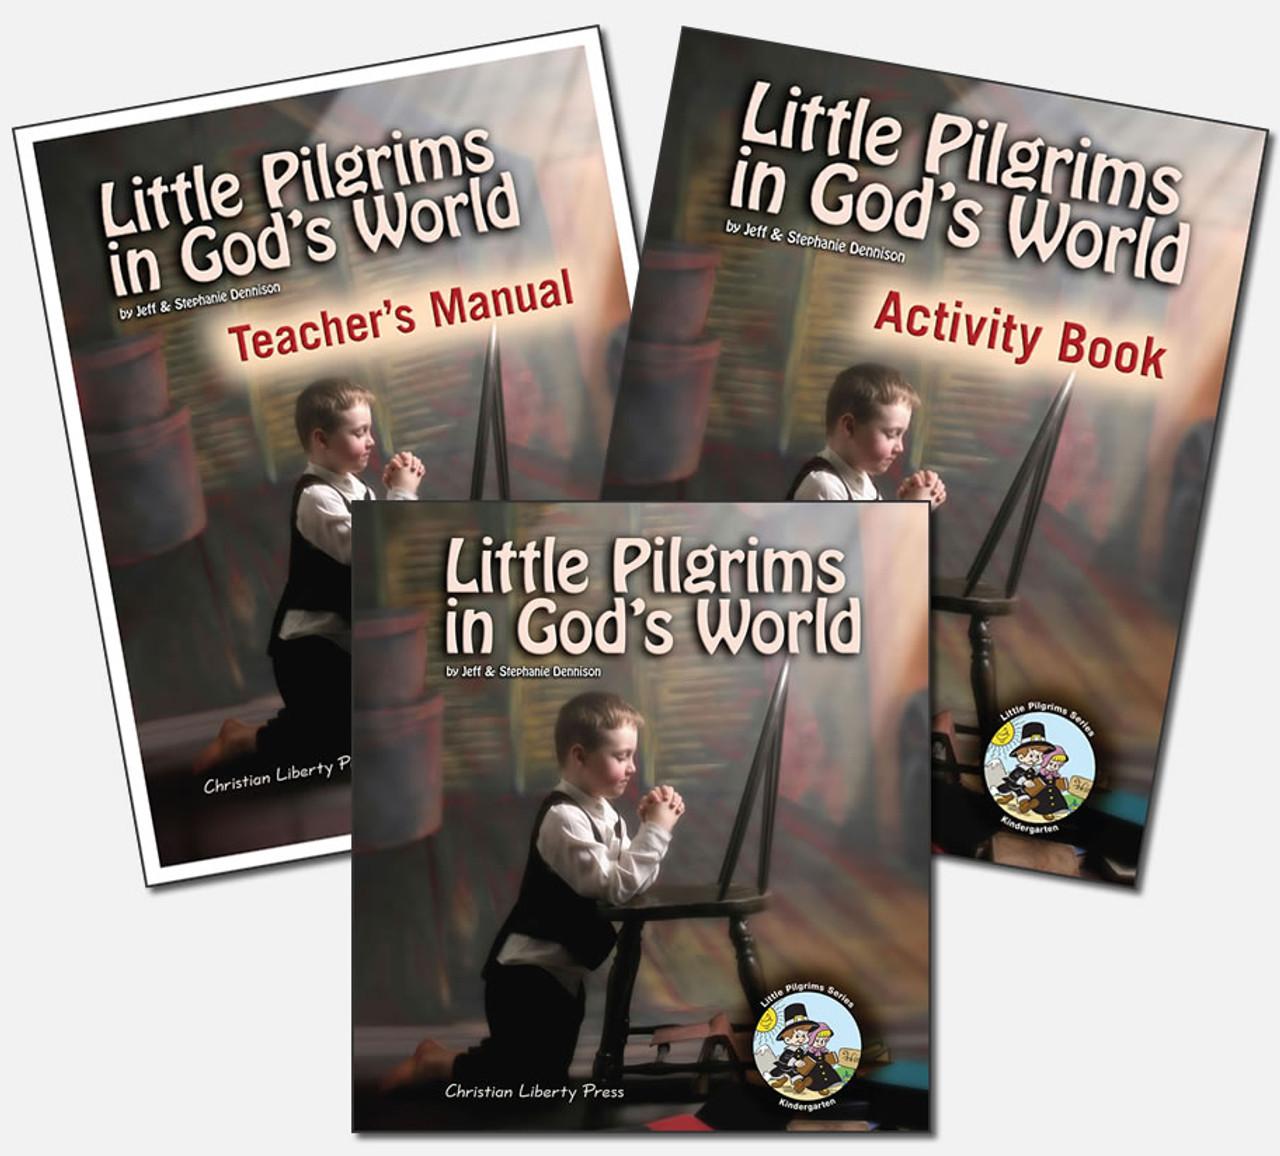 Little Pilgrims in God's World - Kit